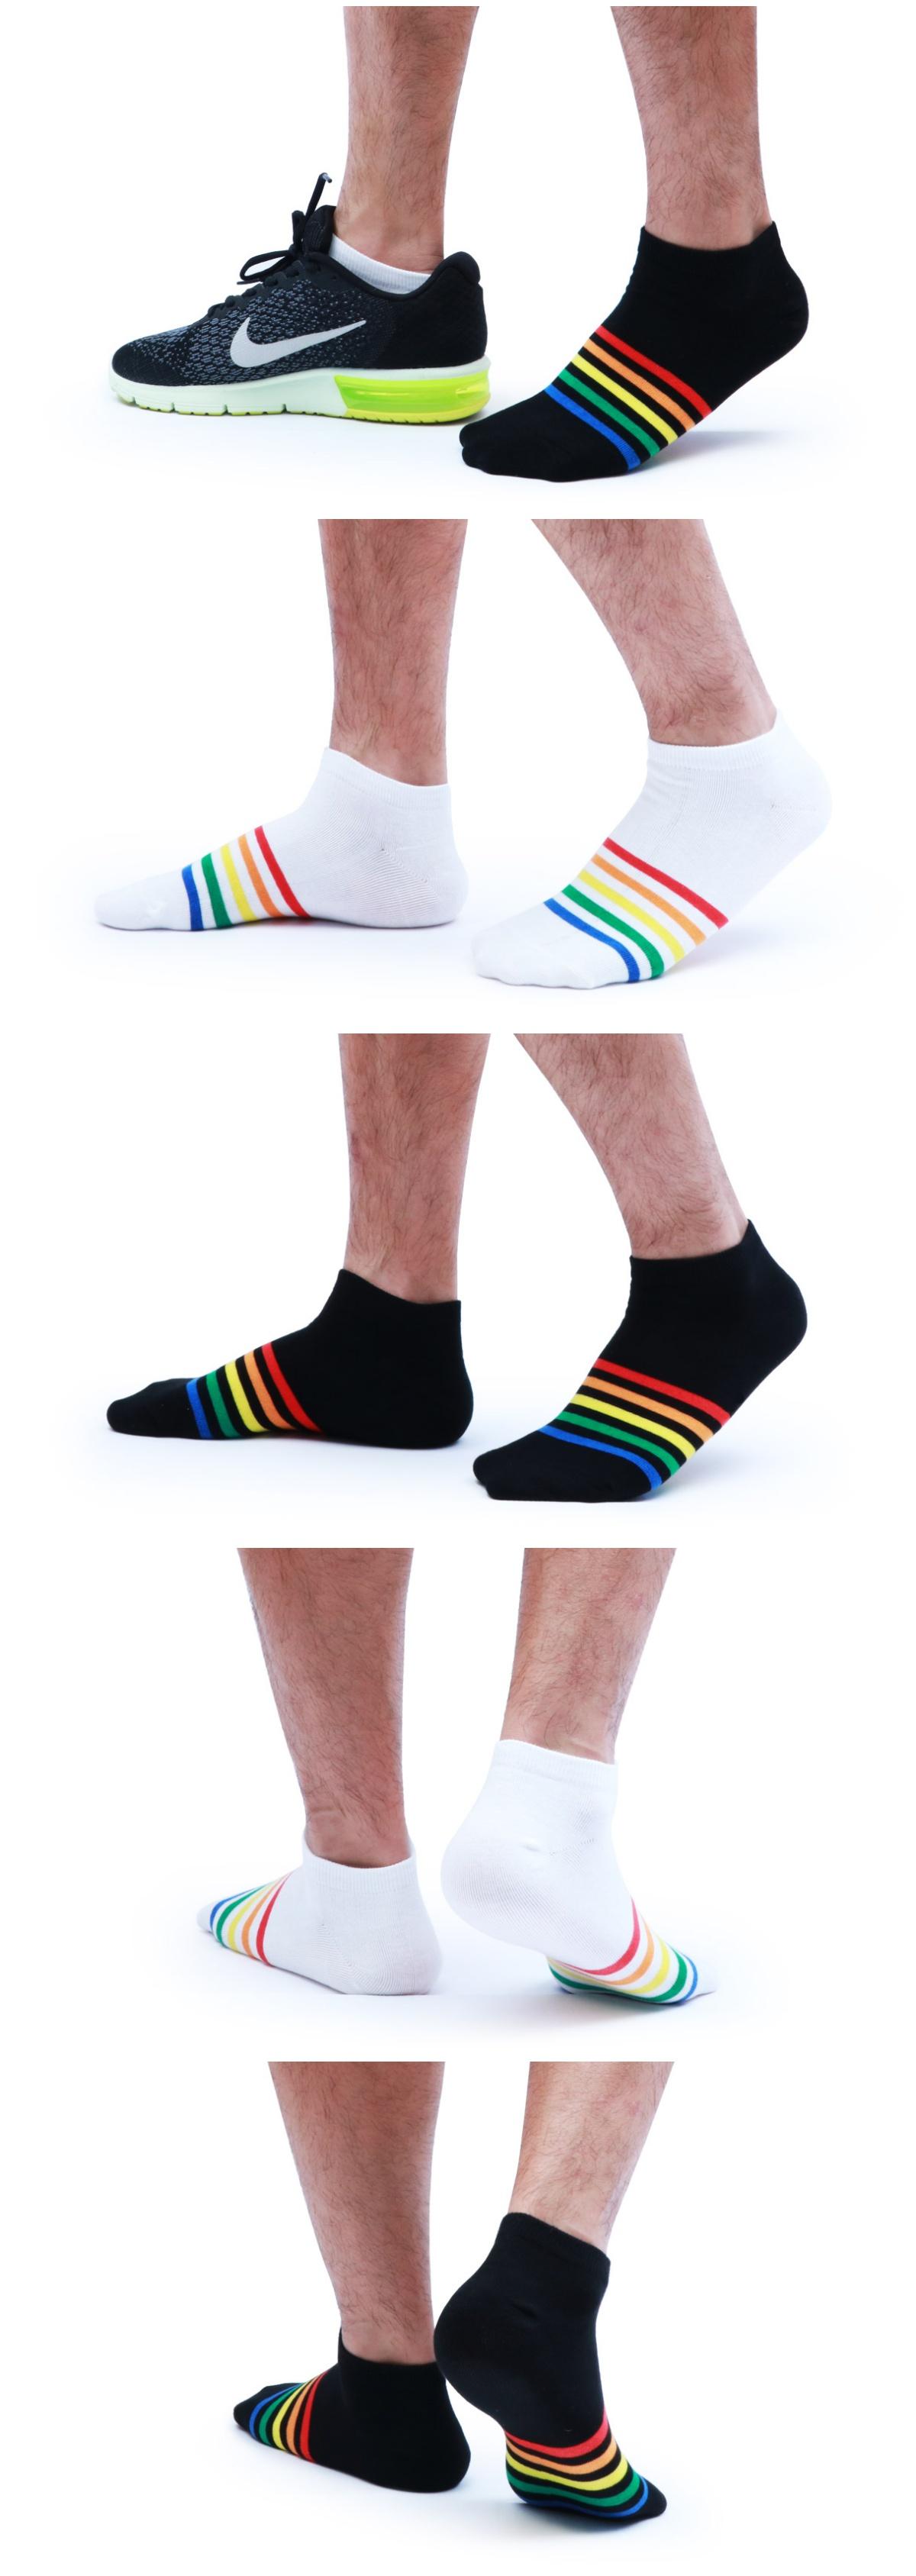 男,彩虹襪,黑底,白底,彩虹條紋